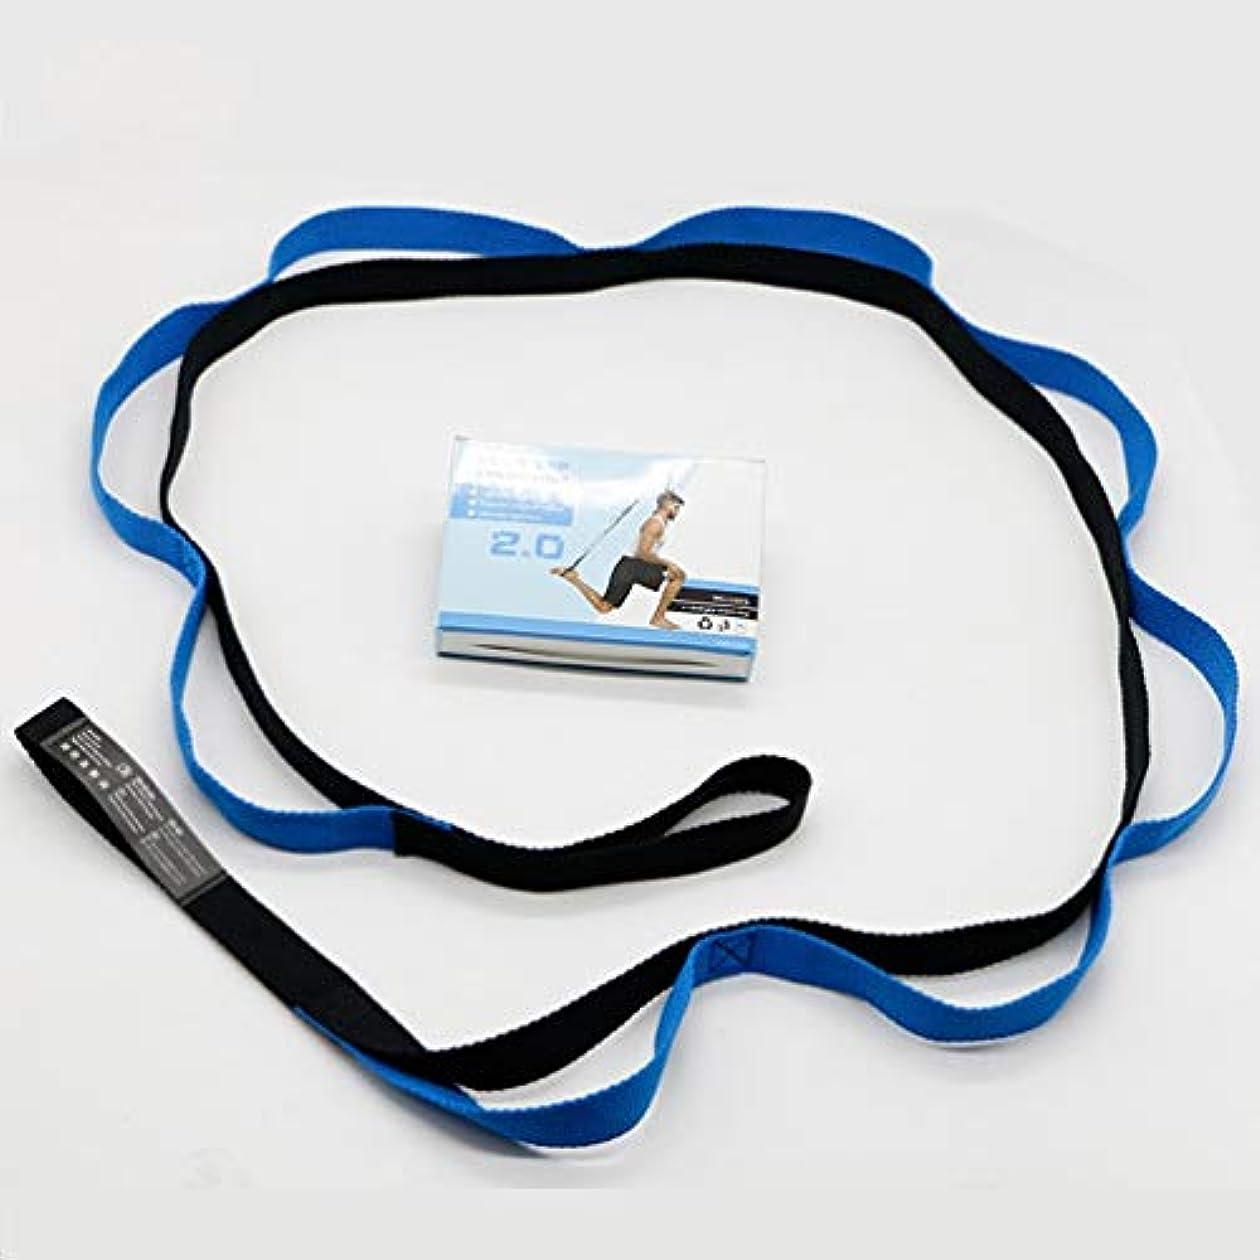 すべきインク凍るフィットネスエクササイズジムヨガストレッチアウトストラップ弾性ベルトウエストレッグアームエクステンションストラップベルトスポーツユニセックストレーニングベルトバンド - ブルー&ブラック